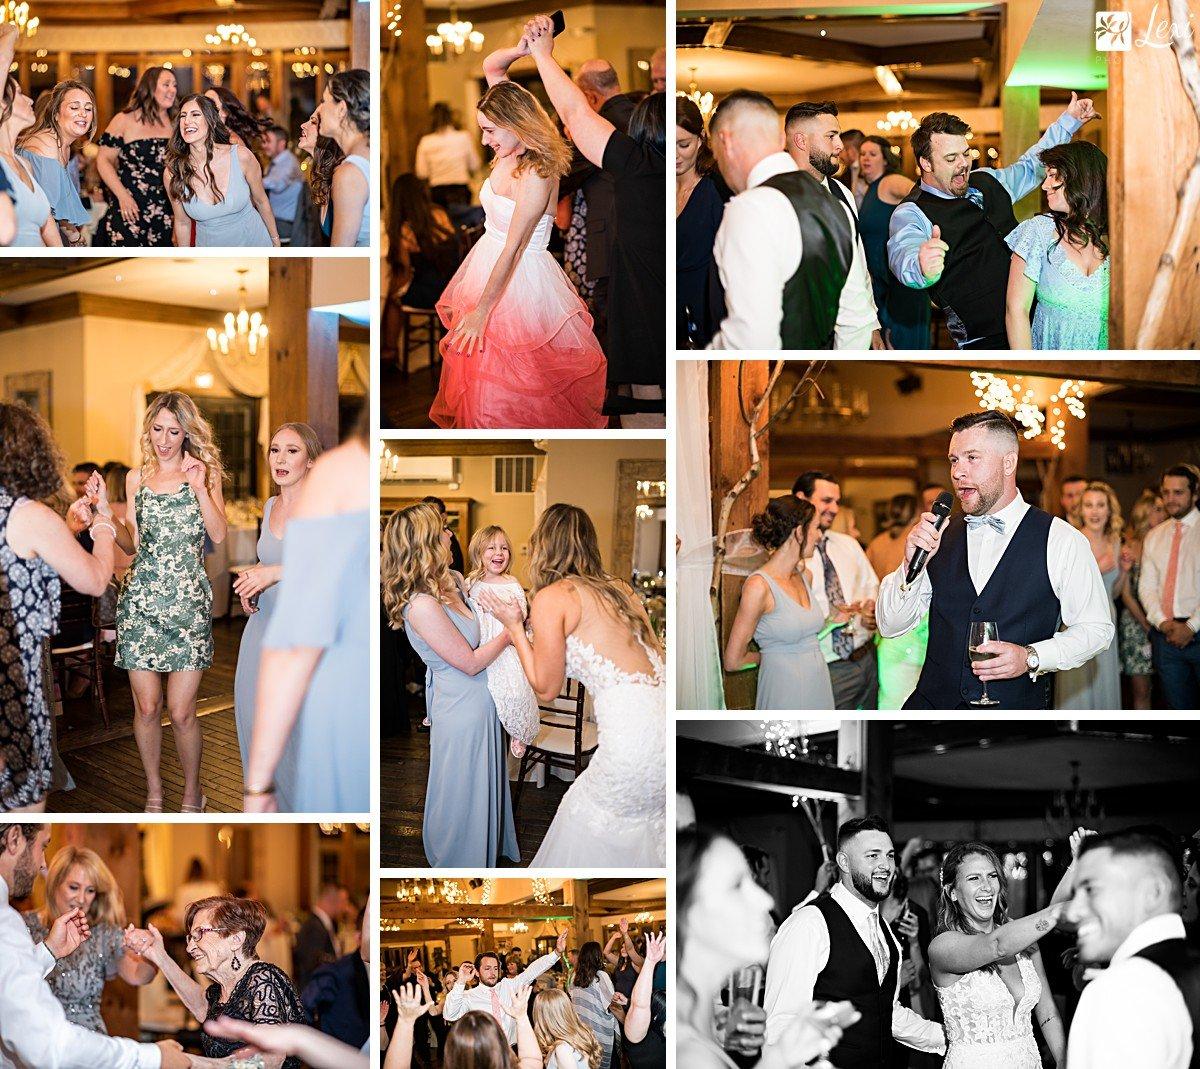 bedford-village-inn-wedding-lively-dancefloor.jpg